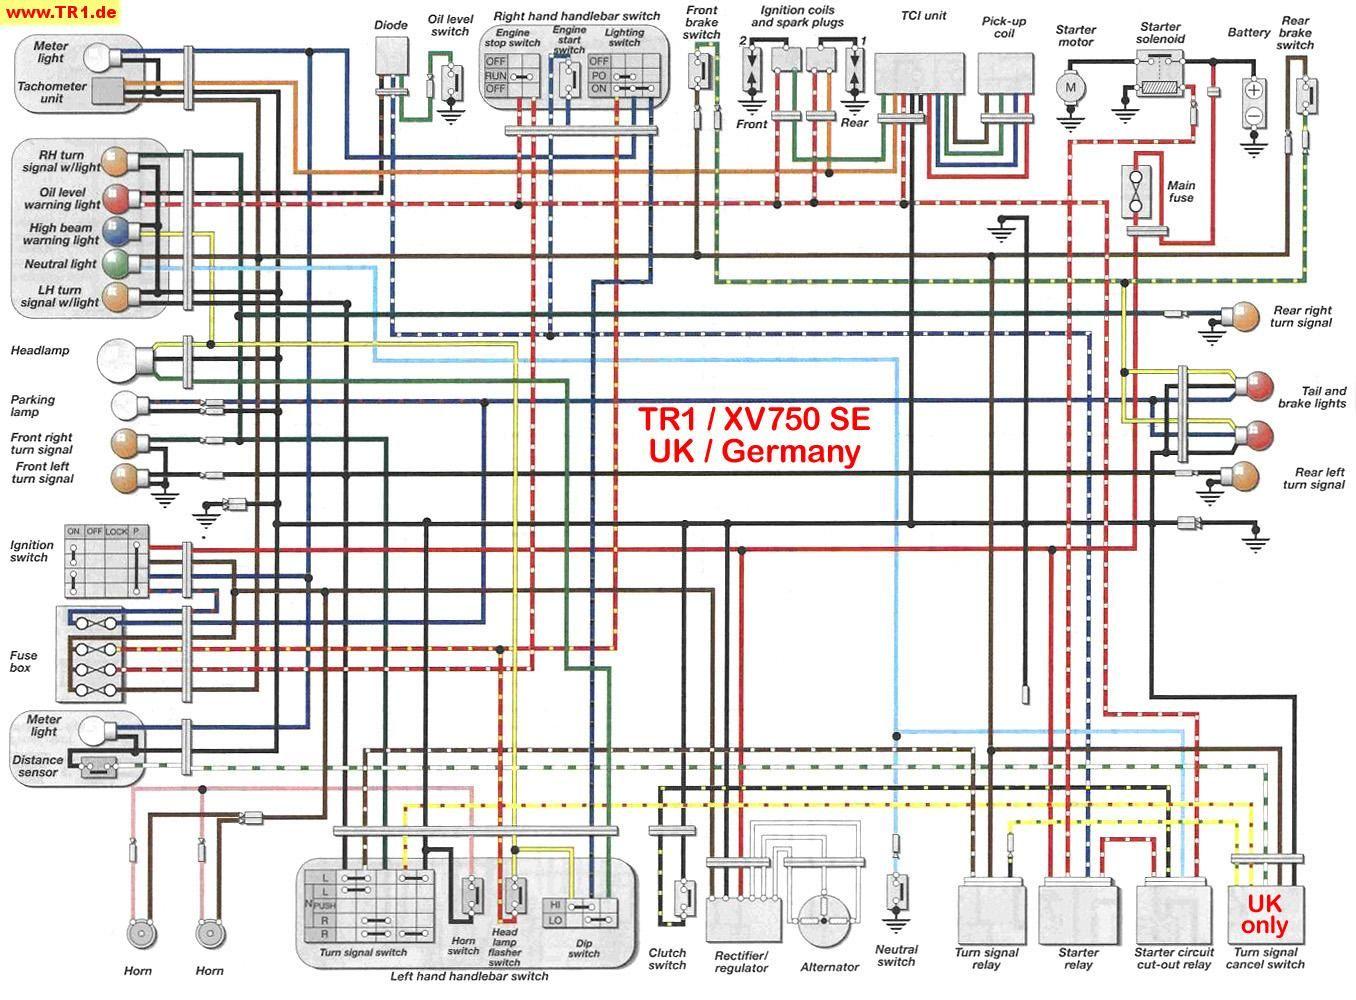 1983 yamaha maxim 750 wiring diagram 82 xv920 wiring diagram e3 wiring diagram  82 xv920 wiring diagram e3 wiring diagram